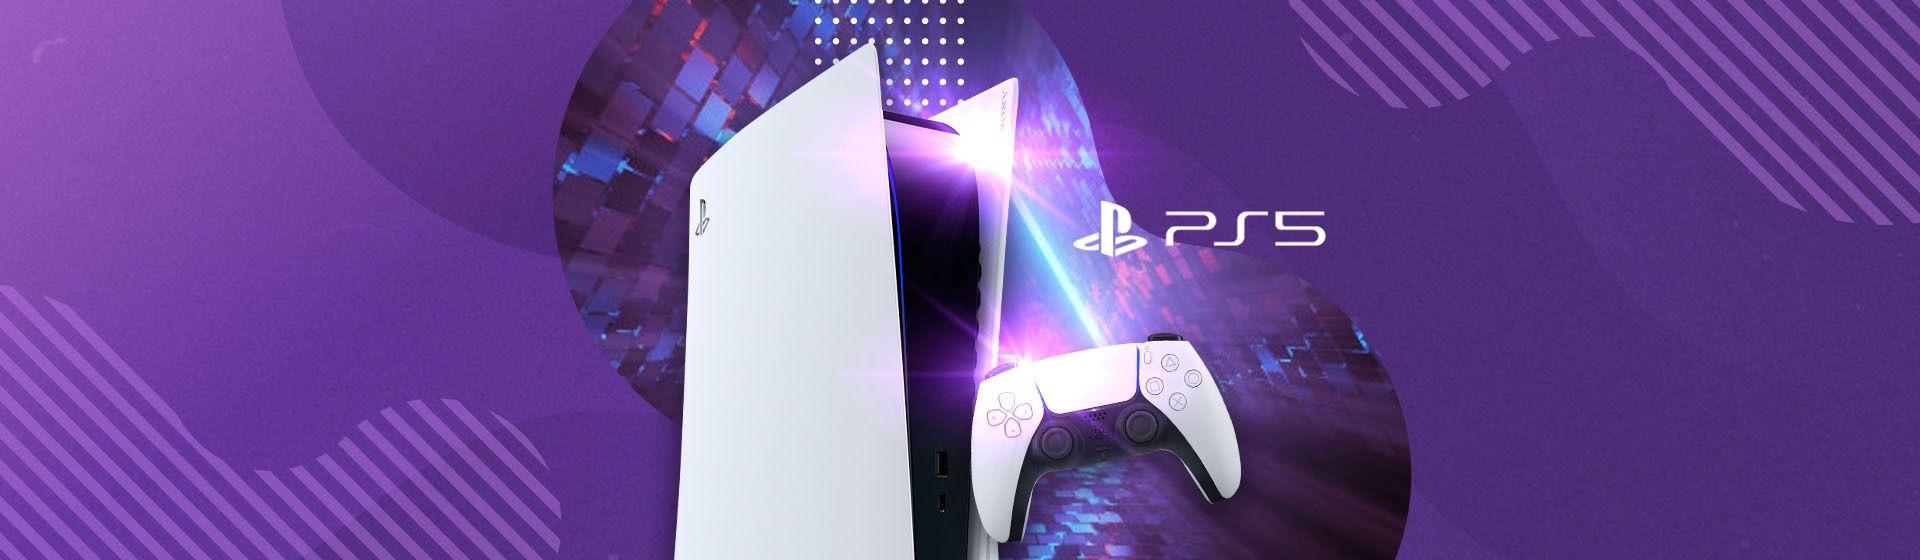 Sony revela serviços de streaming do PS5 disponíveis no lançamento